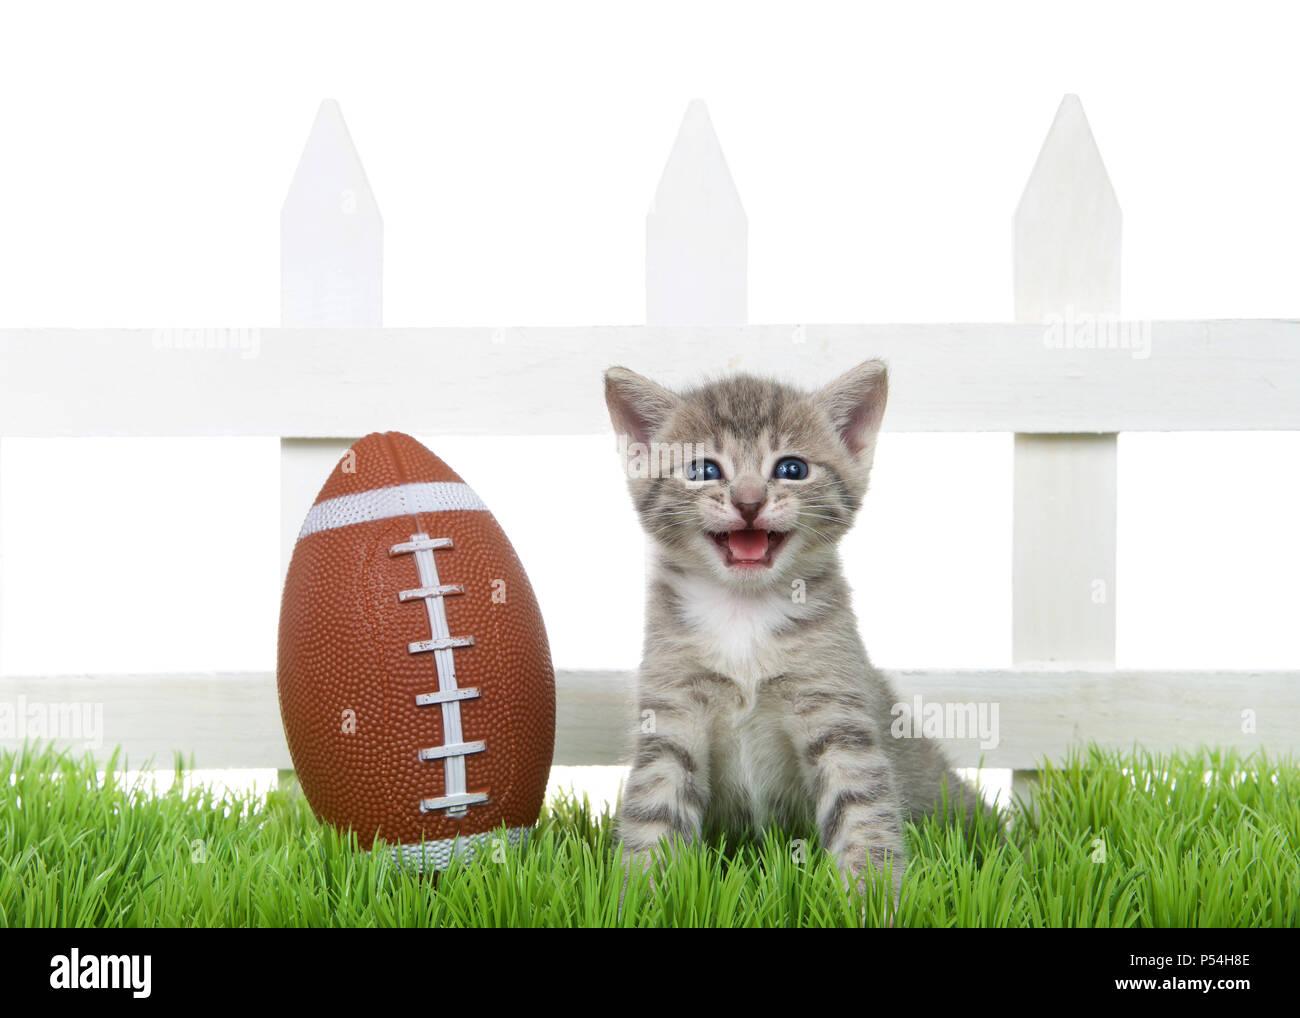 Petite Cloture De Jardin Blanche petit bébé chaton tabby assis dans l'herbe verte retour